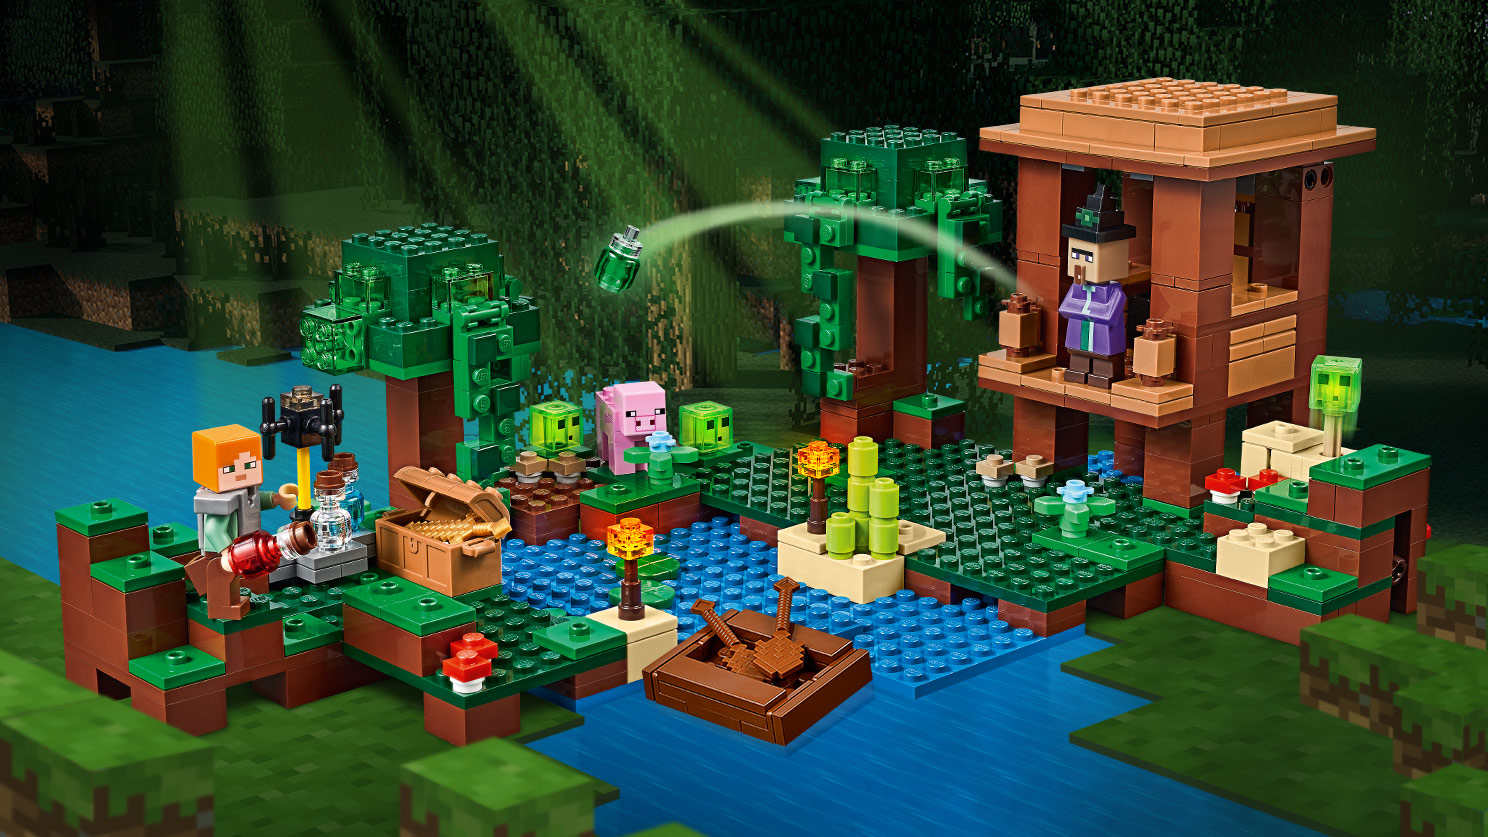 Lego Minecraft 6 Nouvelles Botes Fr 21134 The Waterfall Base Cette Boite Traduite Littralement Par La Hutte De Sorcire Comporte Encore Personnages Alex Avec Un Plastron En Fer Cochon Trois Petits